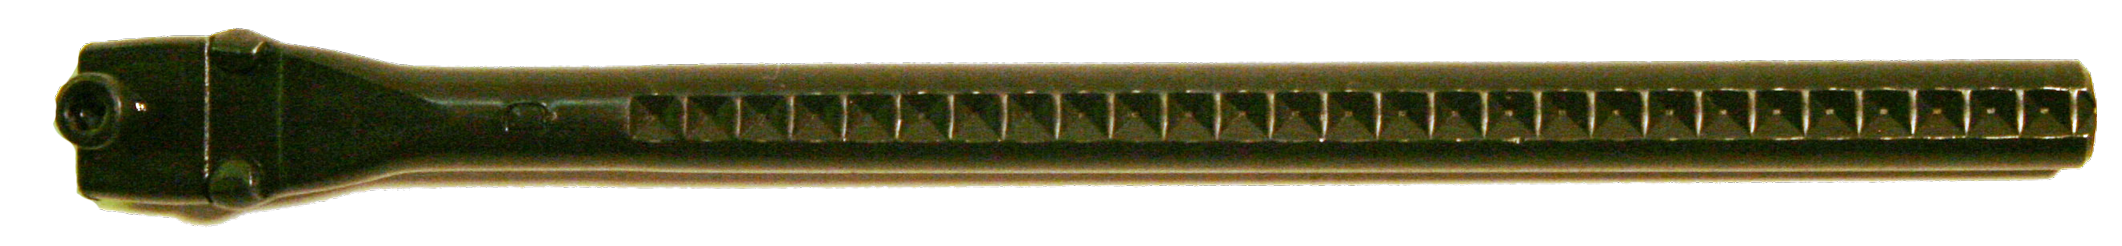 Stahlhalter zu Set D80 Image